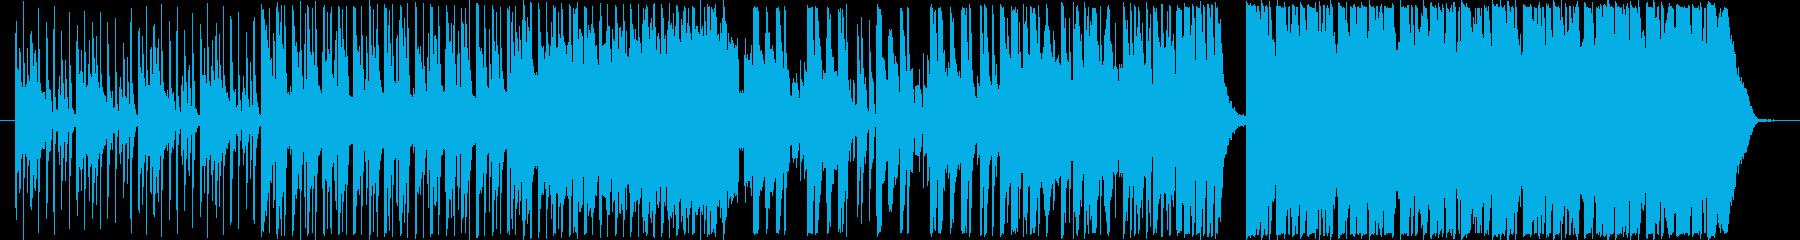 エキゾチックな最新K-POPの再生済みの波形